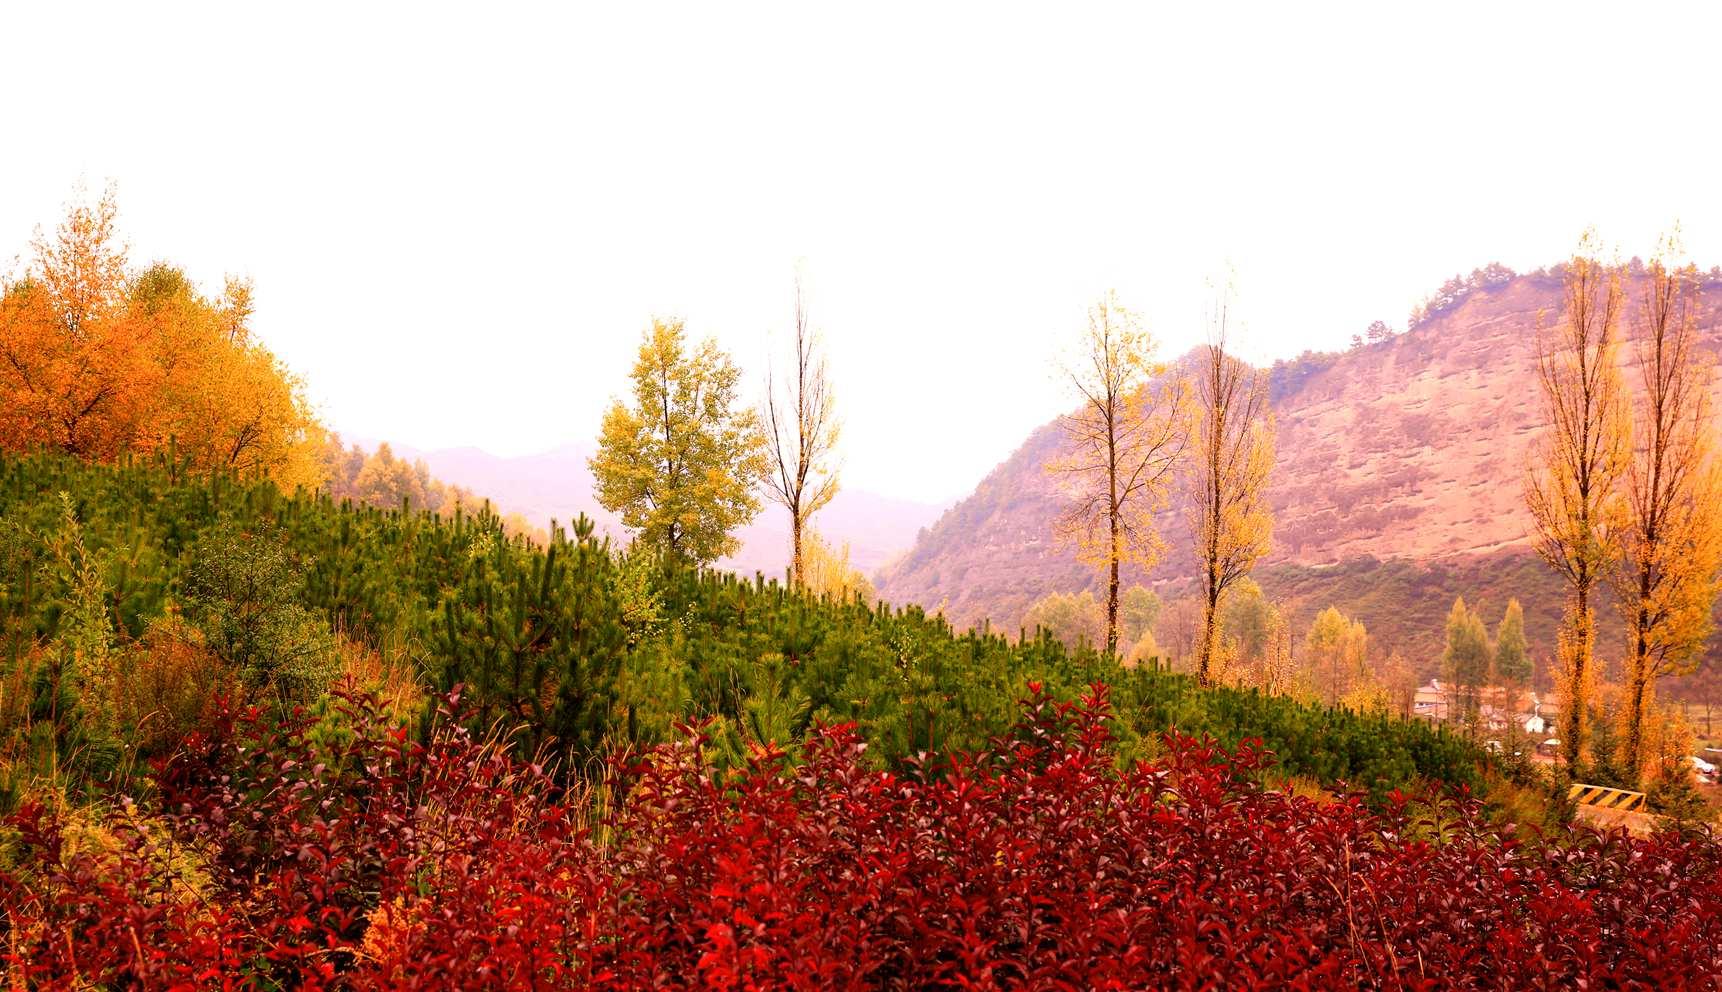 zxz0877作品:秋的色彩